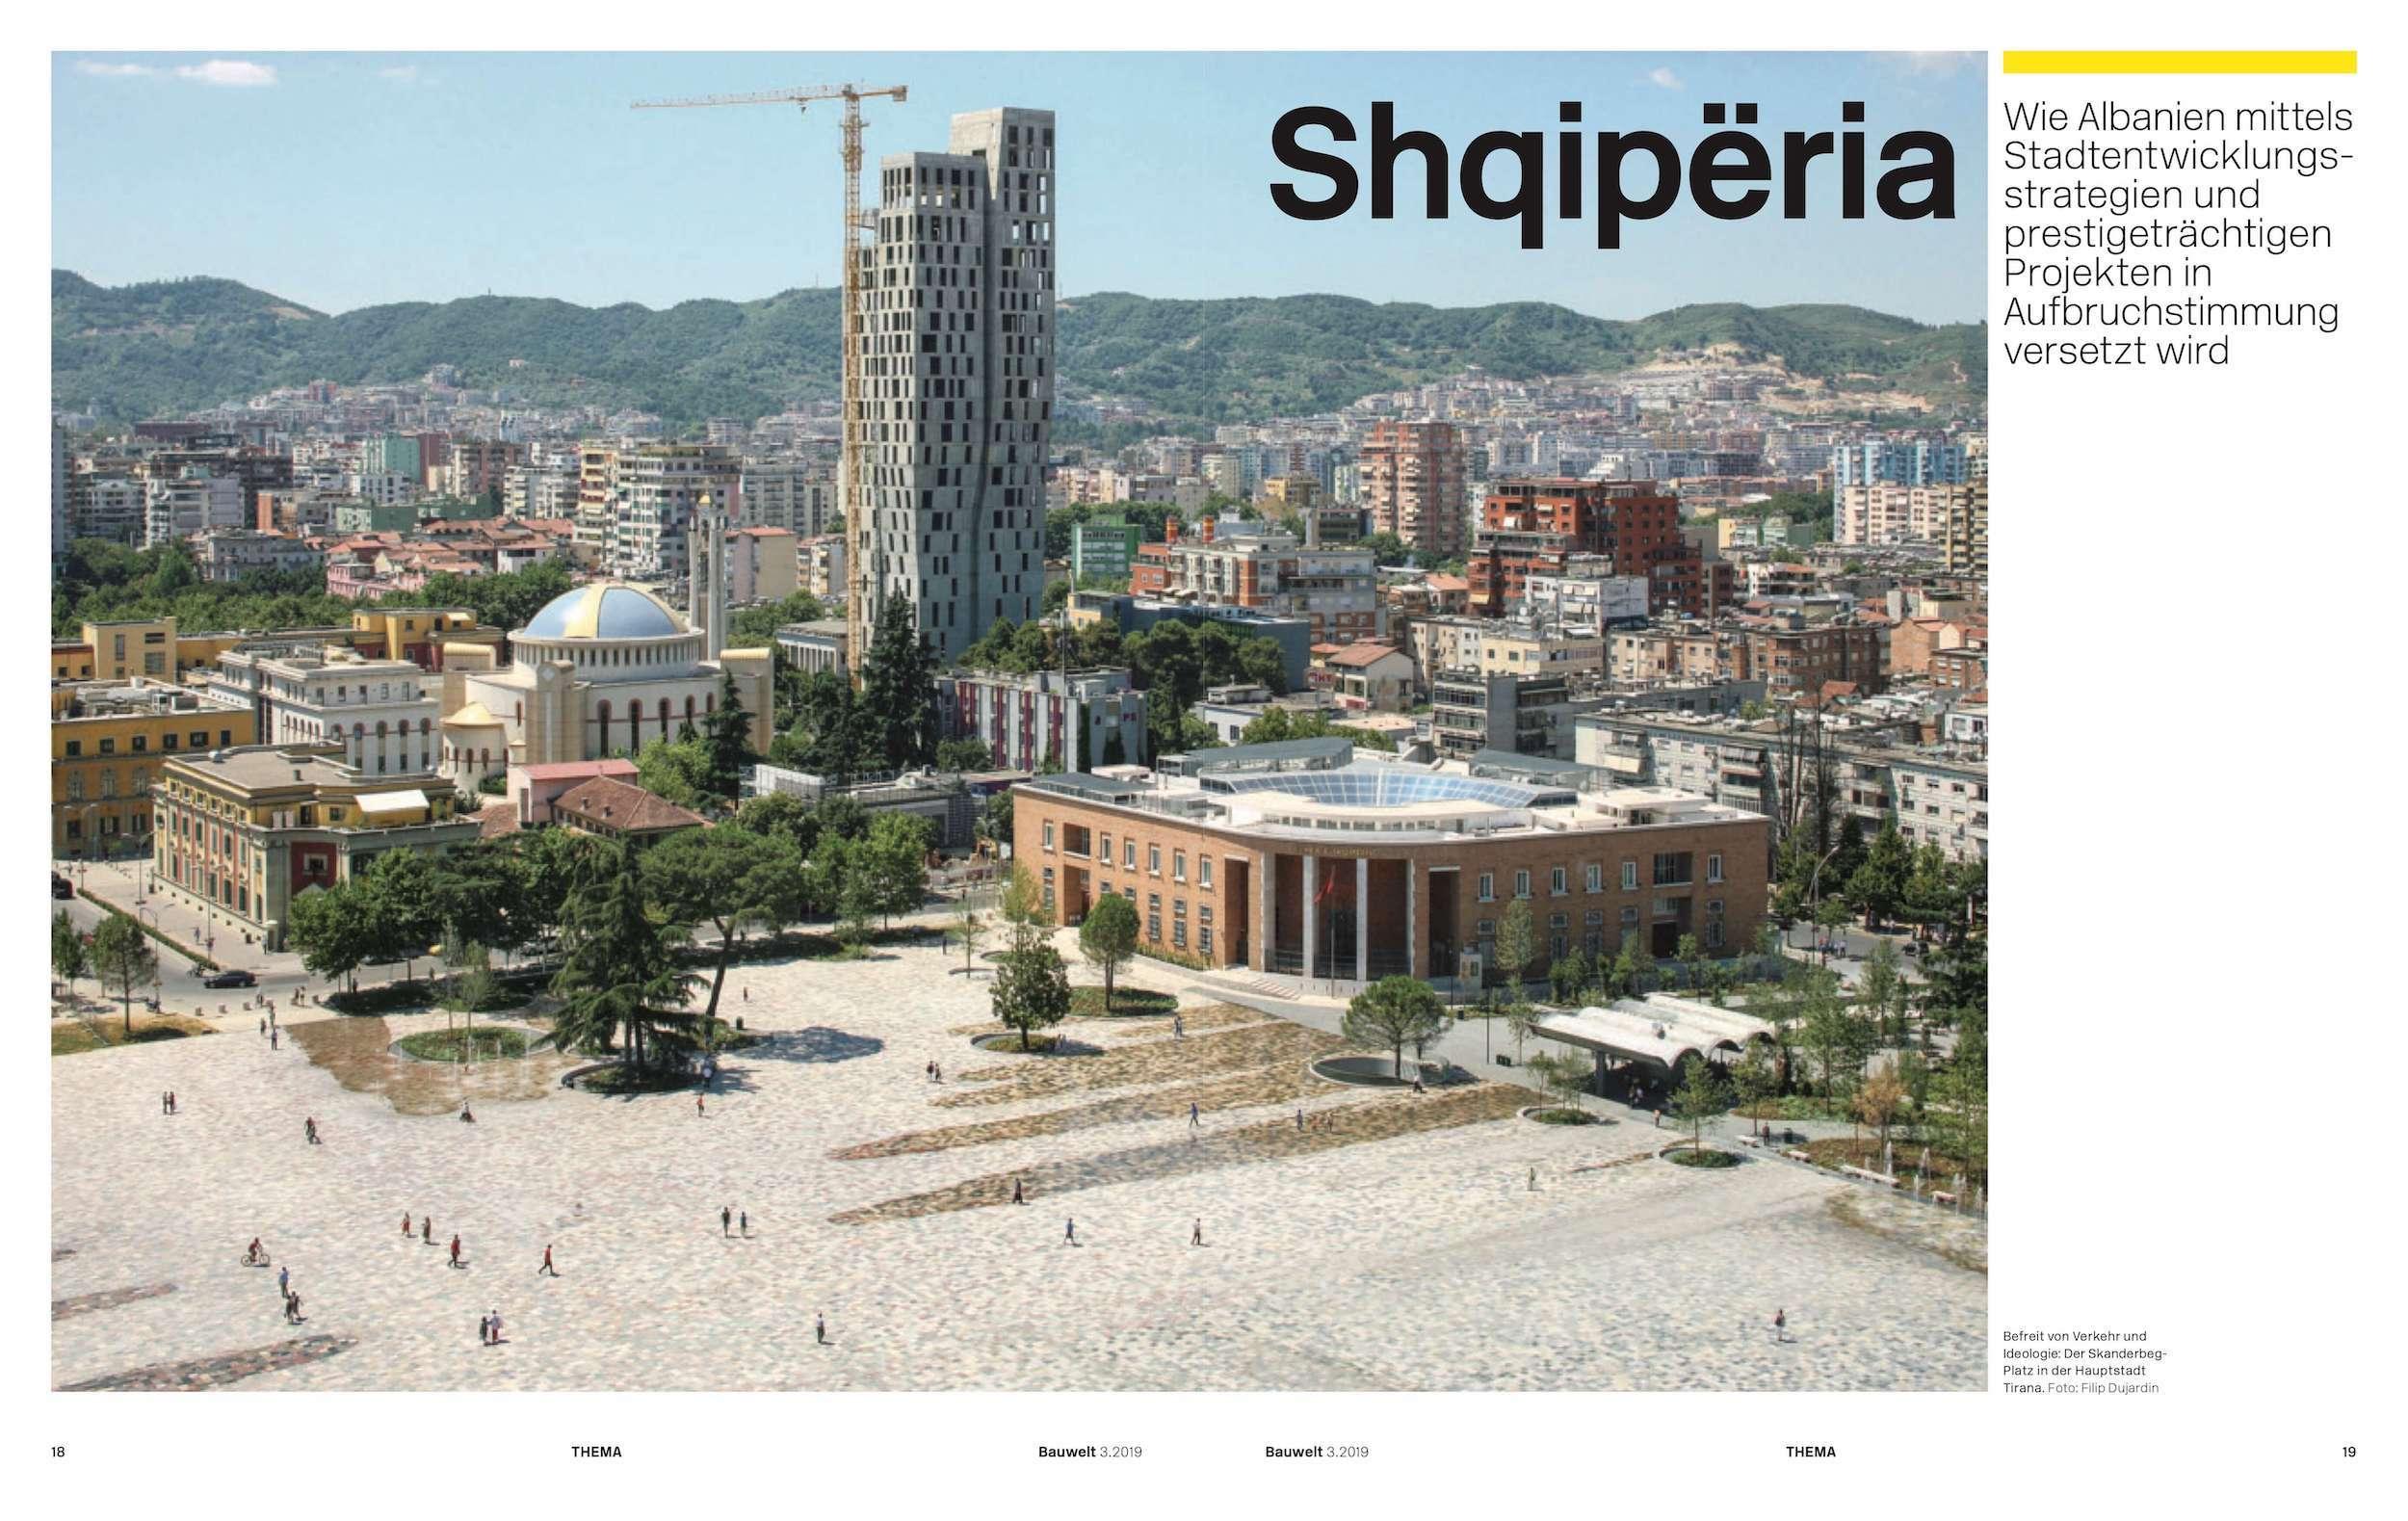 Shqipëria, eine Bauwelt über Albanien Foto: Jonas Koenig